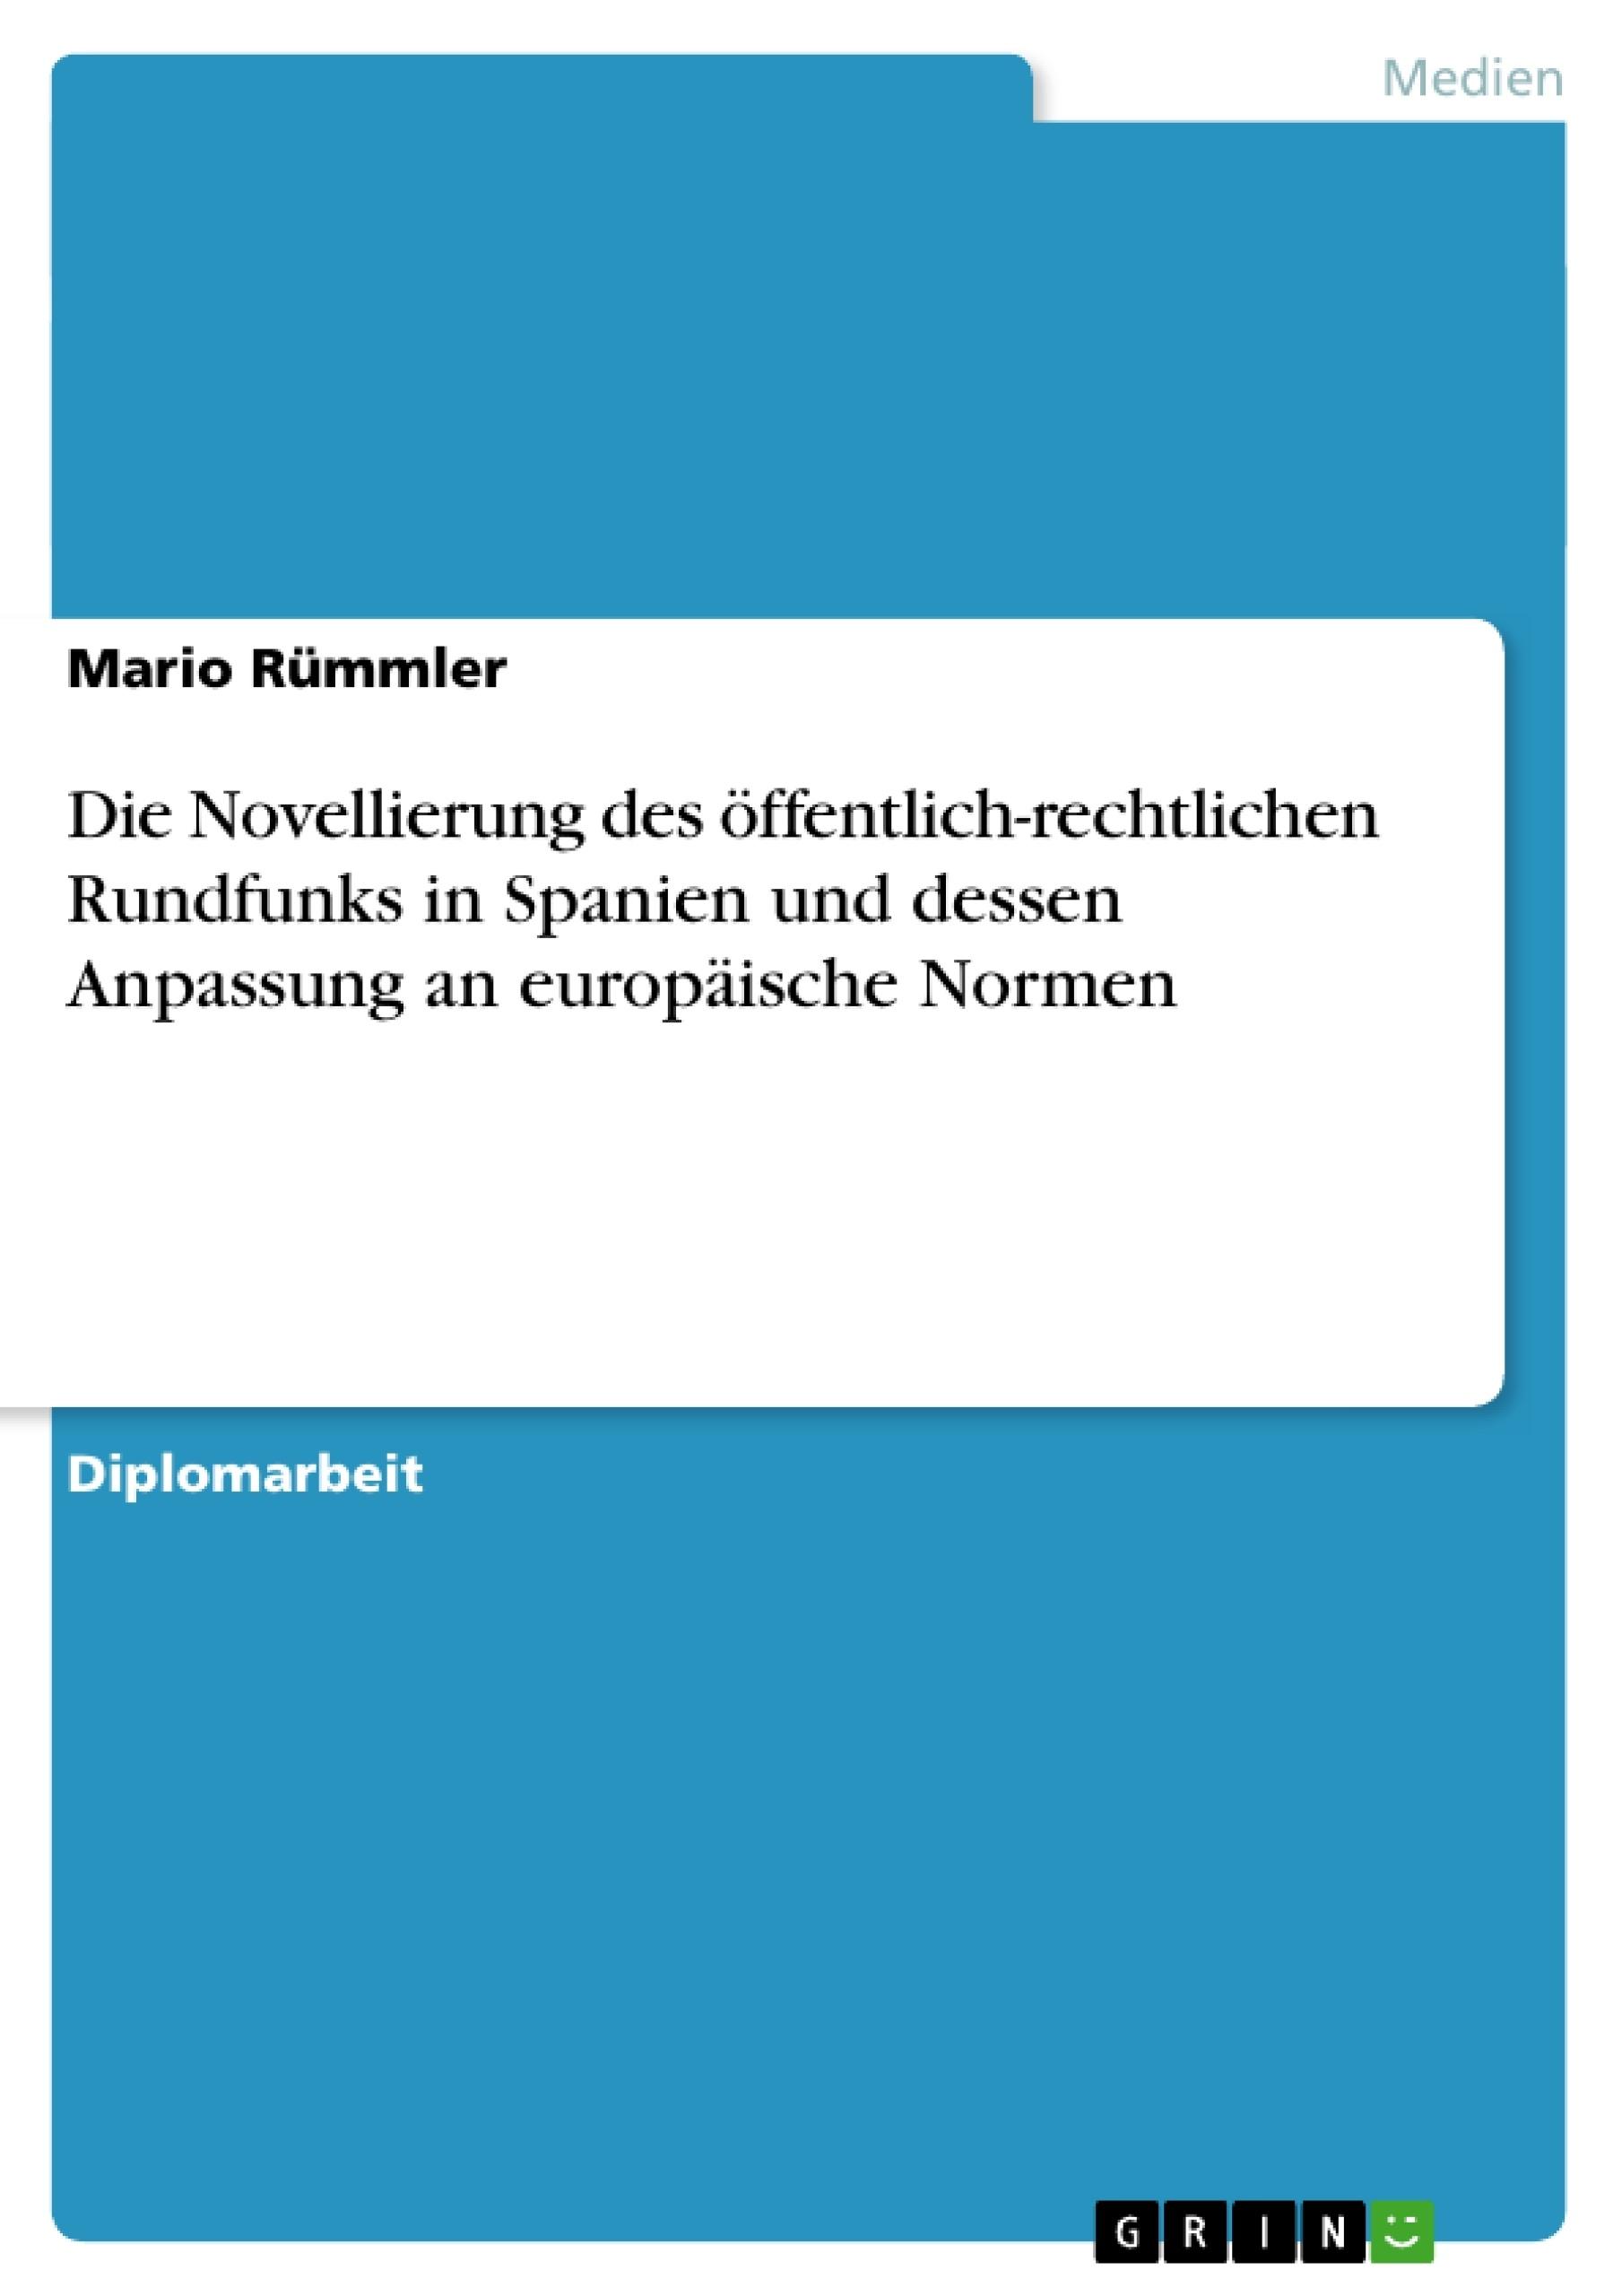 Titel: Die Novellierung des öffentlich-rechtlichen Rundfunks in Spanien und dessen Anpassung an europäische Normen